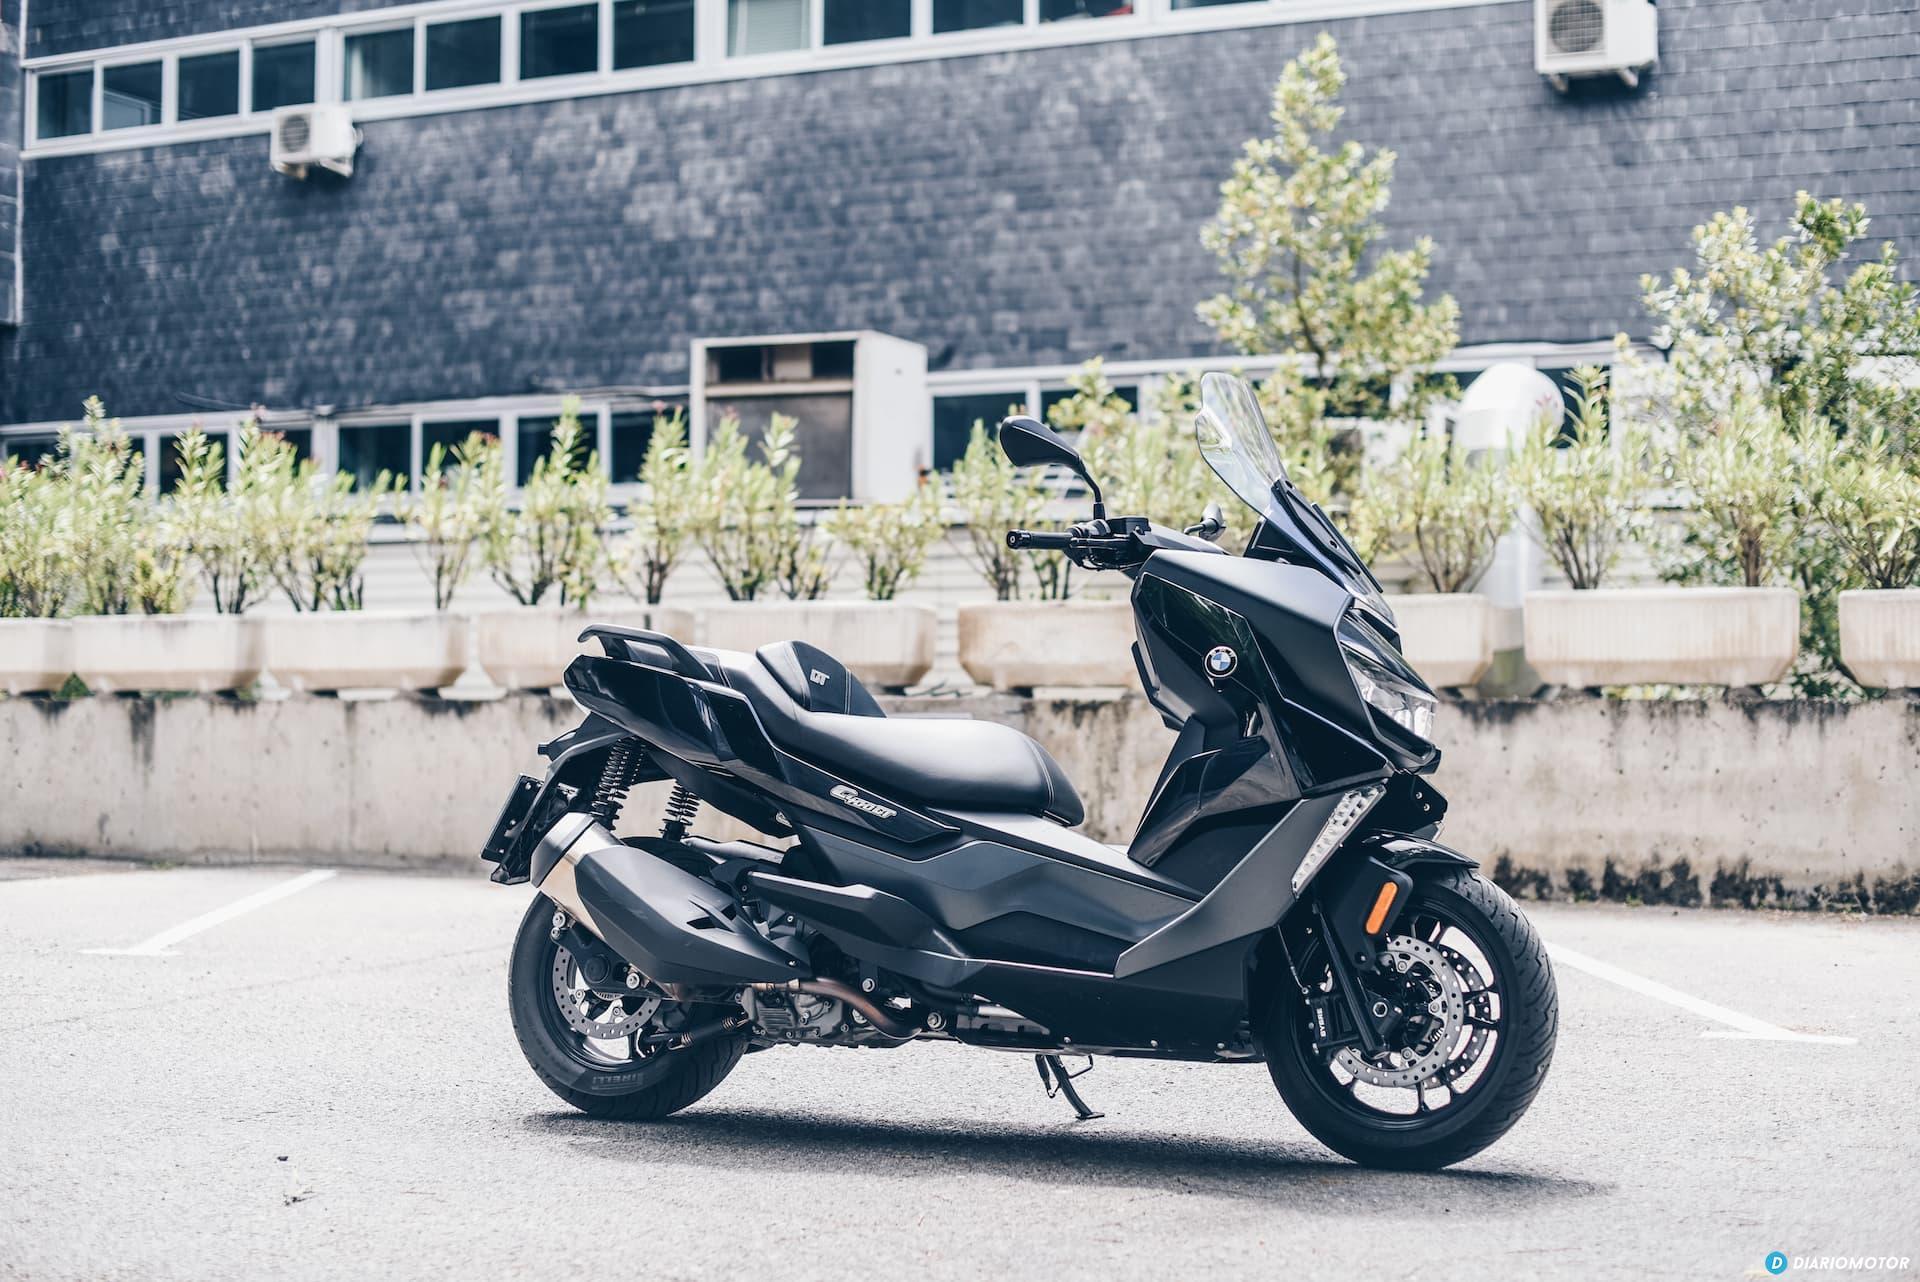 Bmw C 400 Gt Prrueba Scooter 19